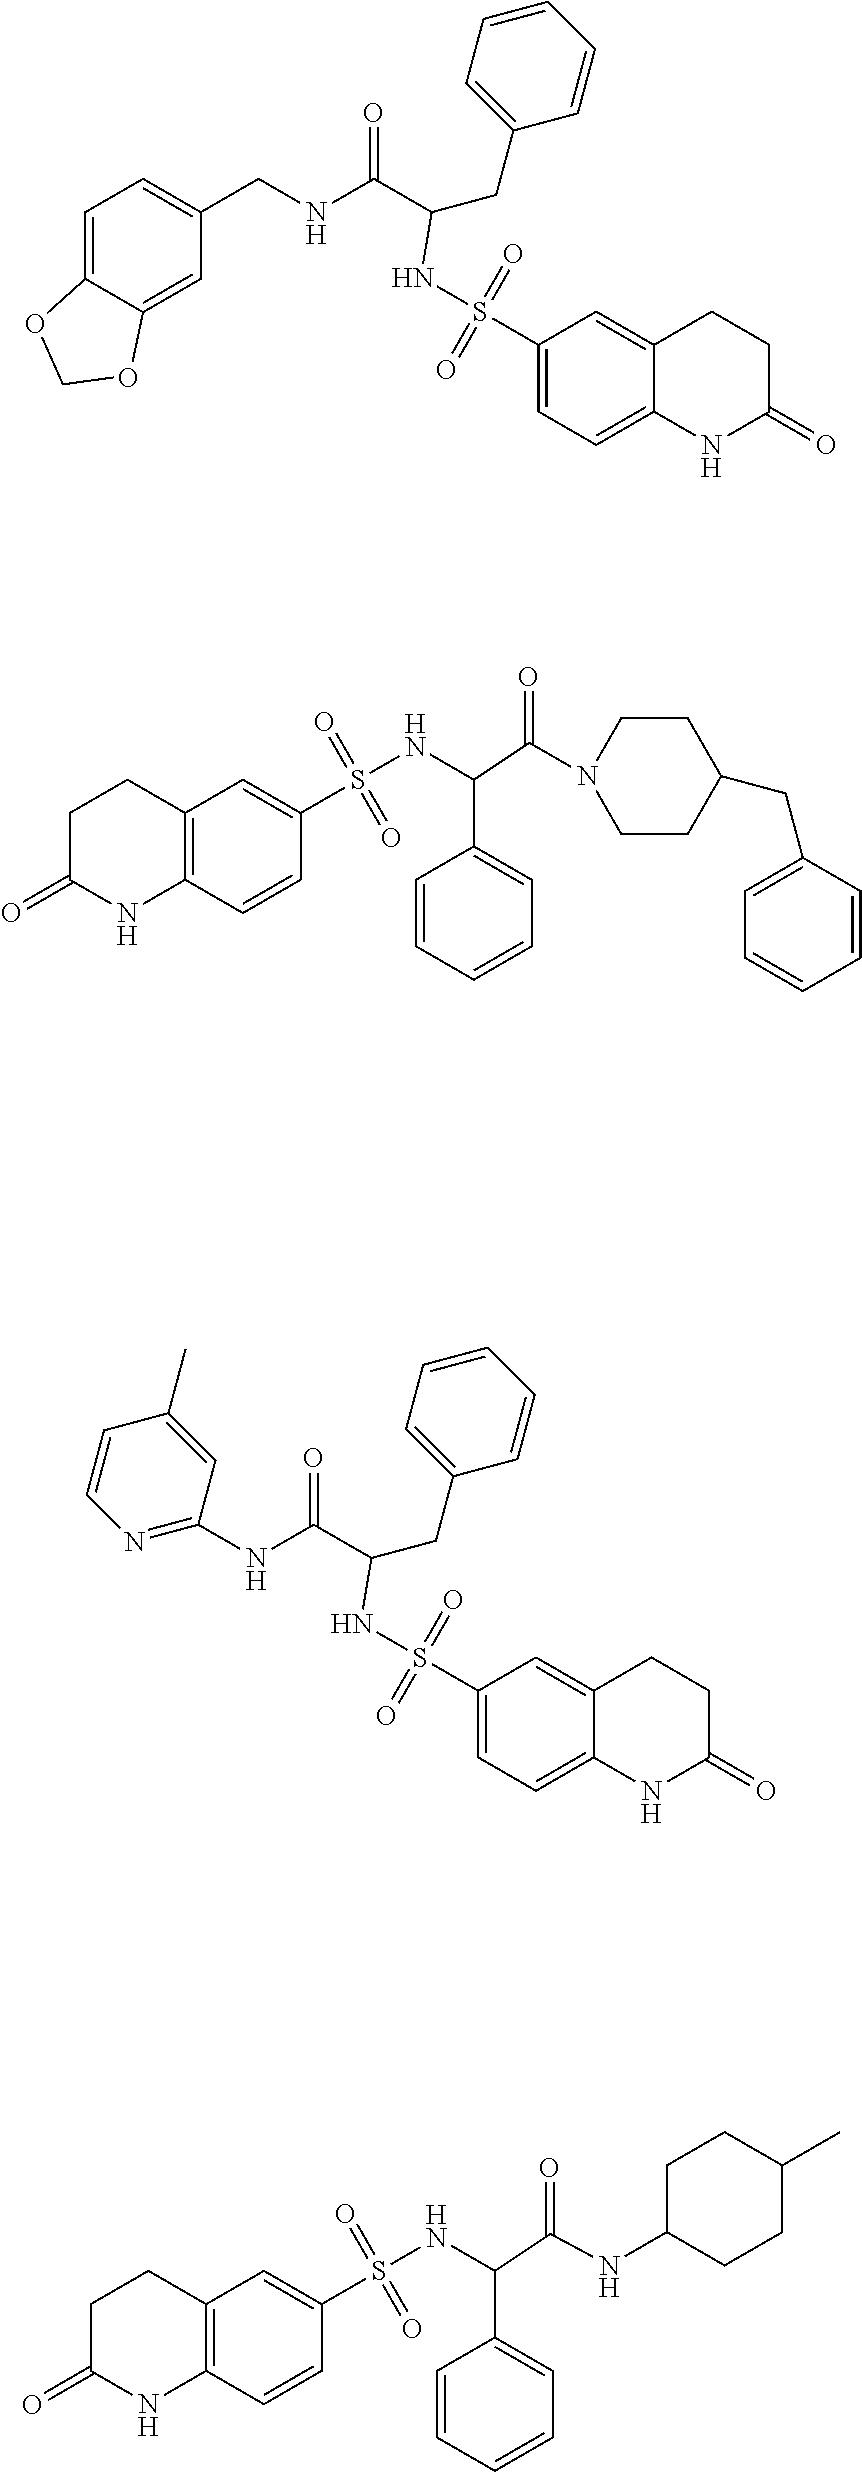 Figure US08957075-20150217-C00010